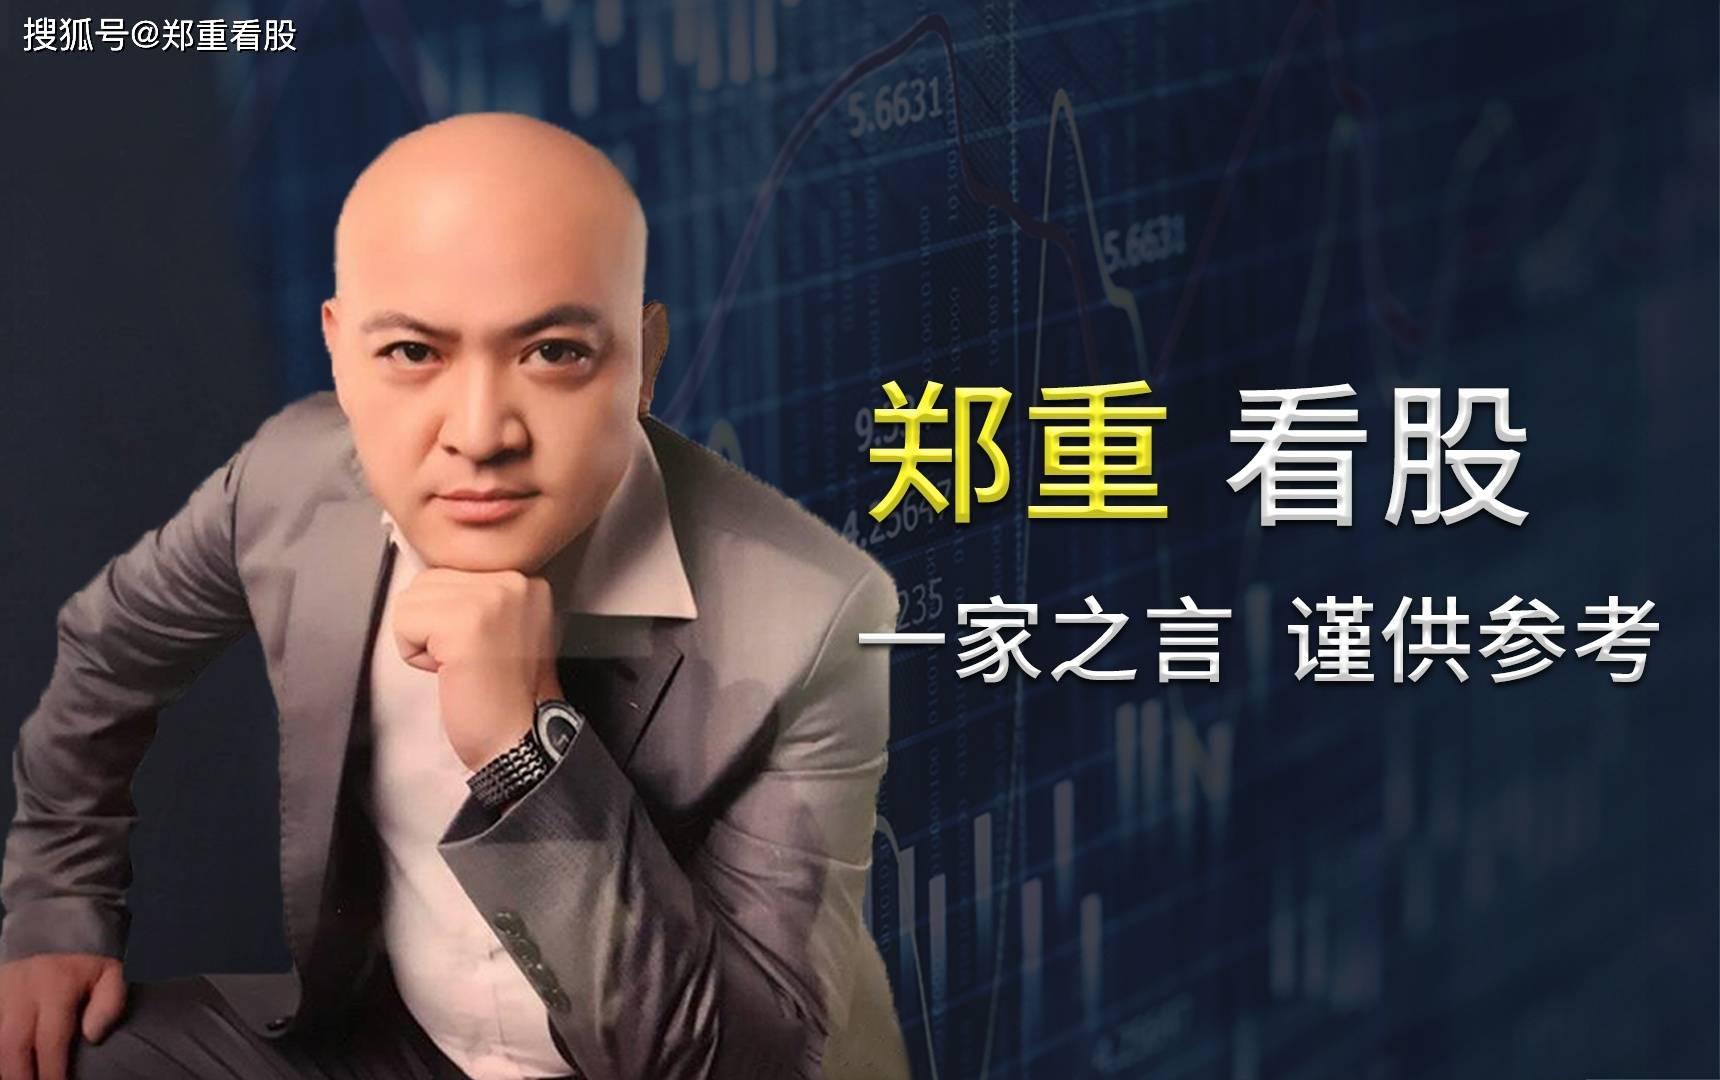 郑重看股票:玉柔科技IPO终止。投资机构解决了破年梦